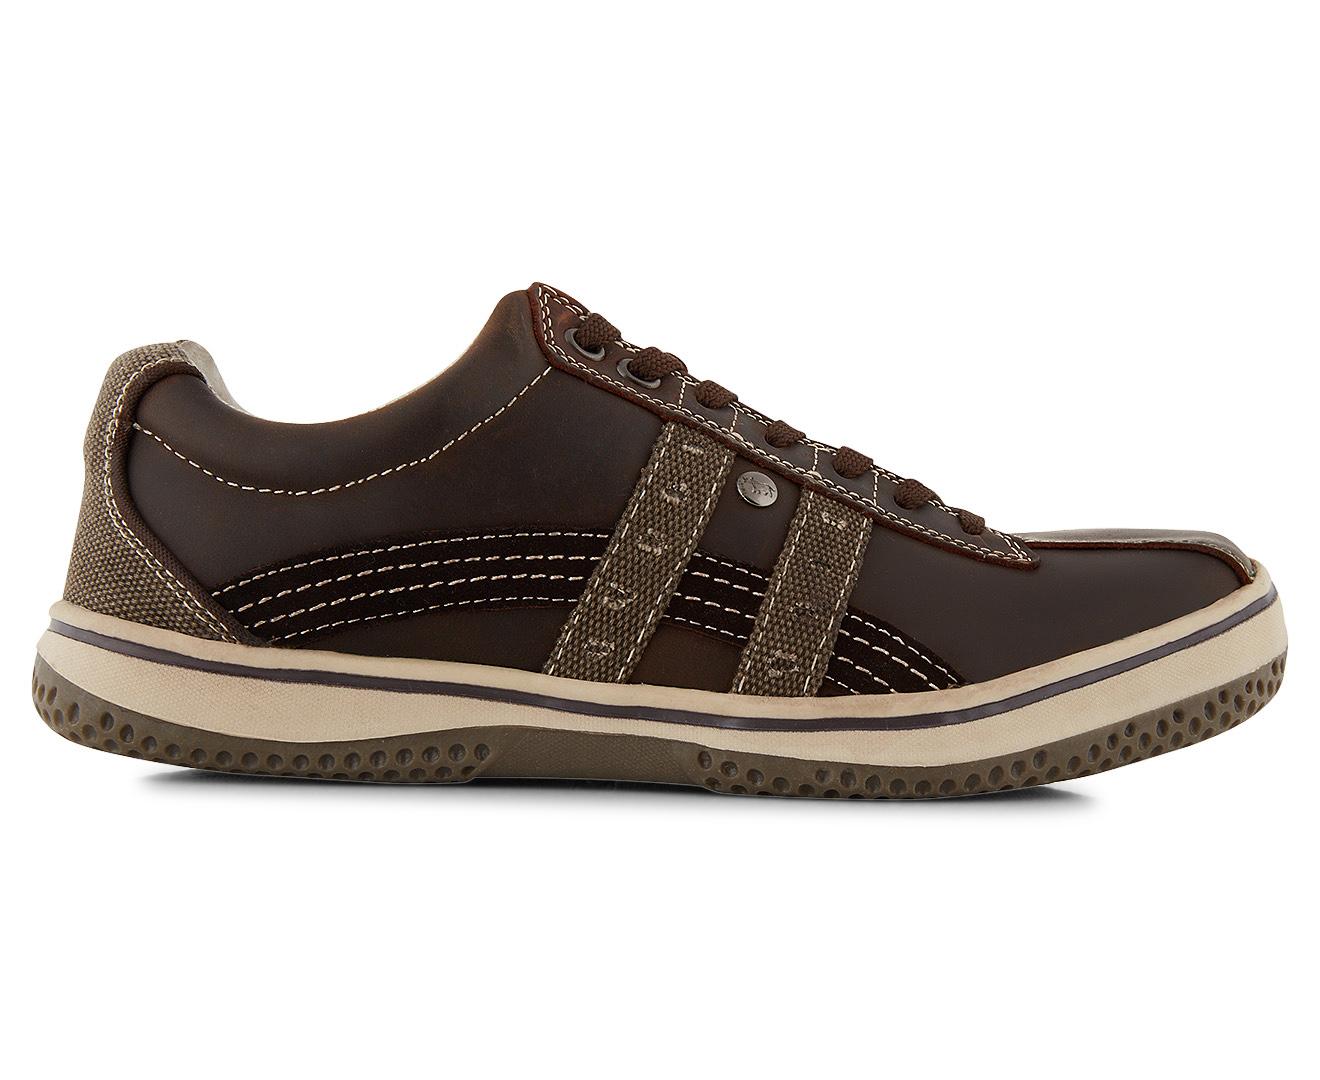 Keep Shoe Brand Sizing